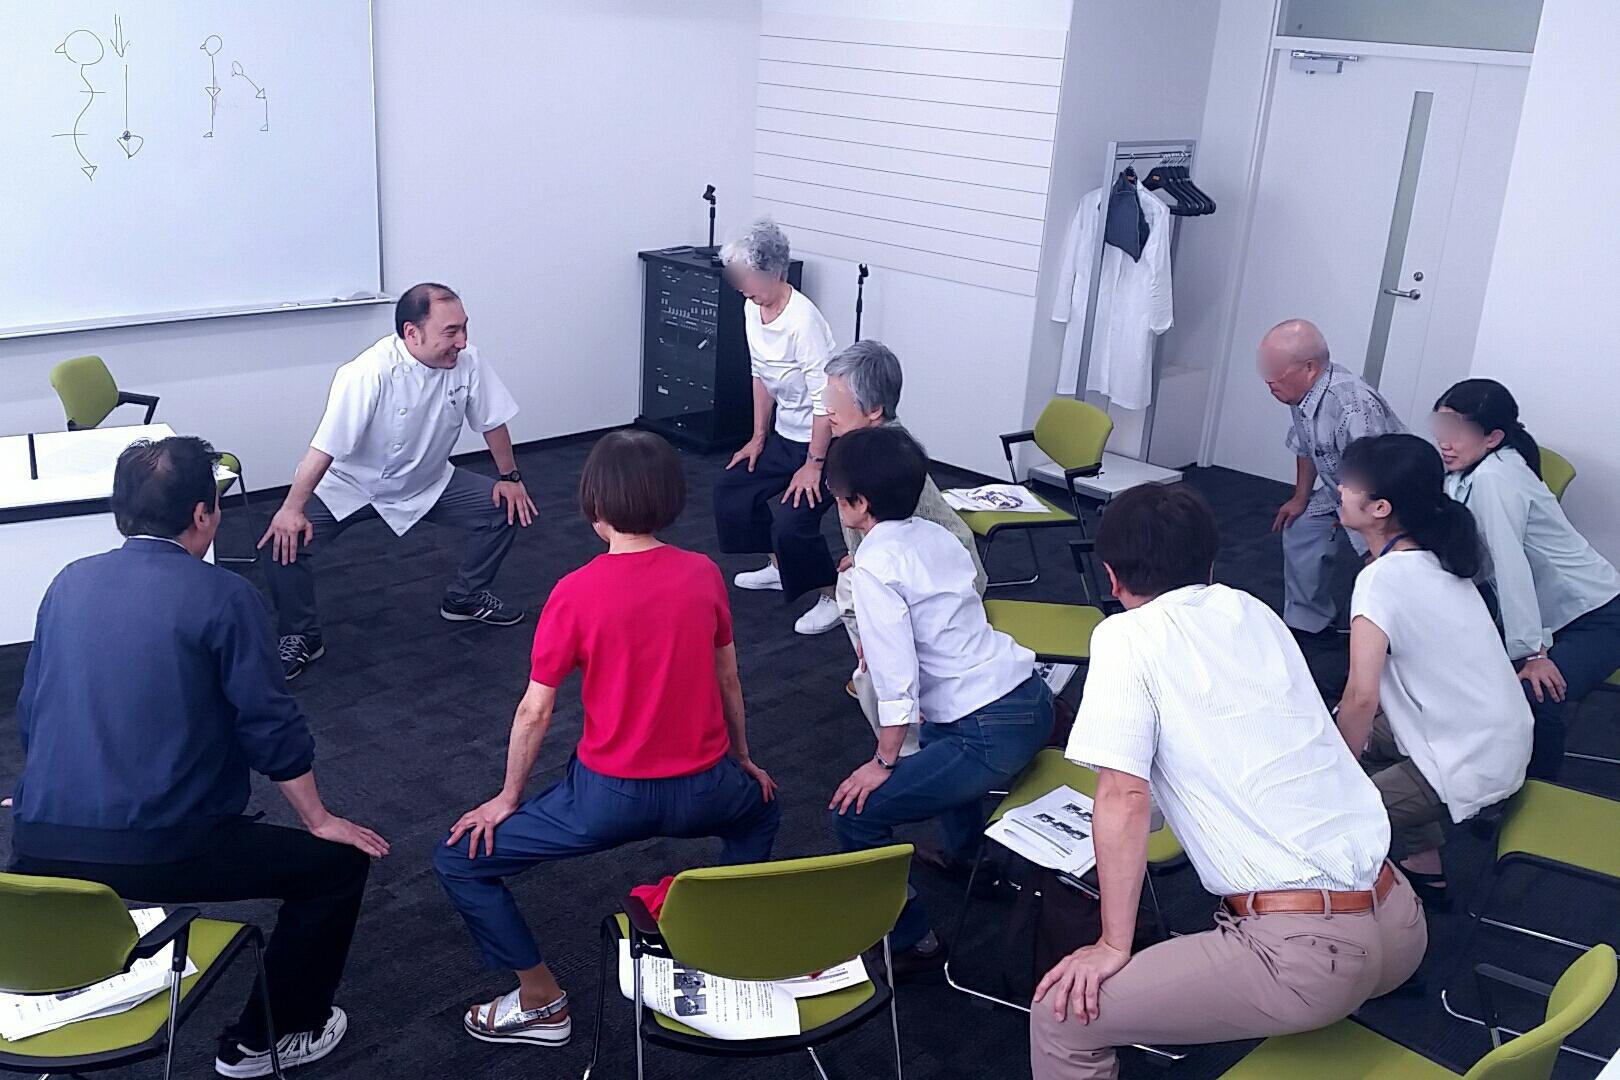 杉並区 訪問マッサージ 東京在宅サービスの研修会活動/あんしん未来支援事業